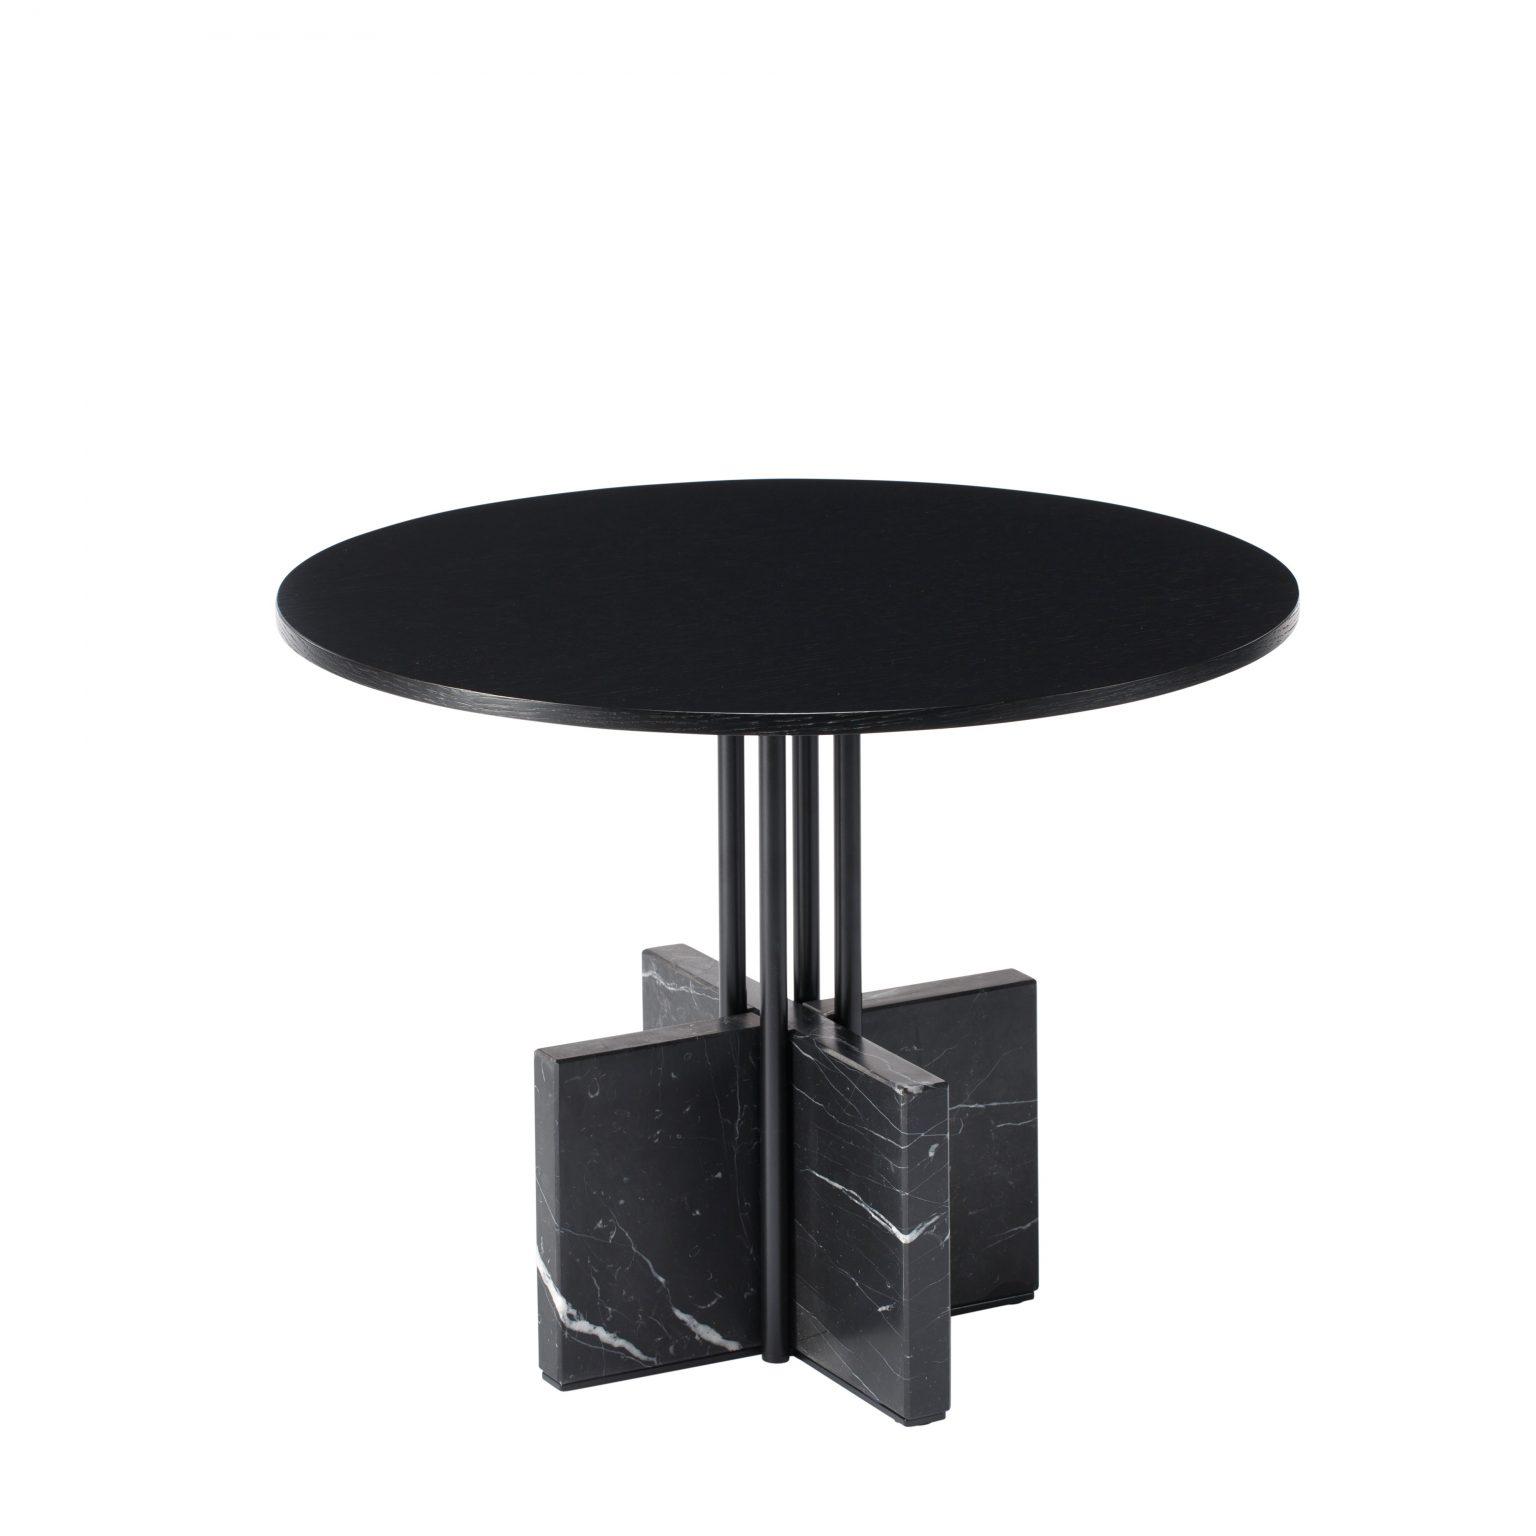 Favius Couchtisch Gravity Table Nero Marquina